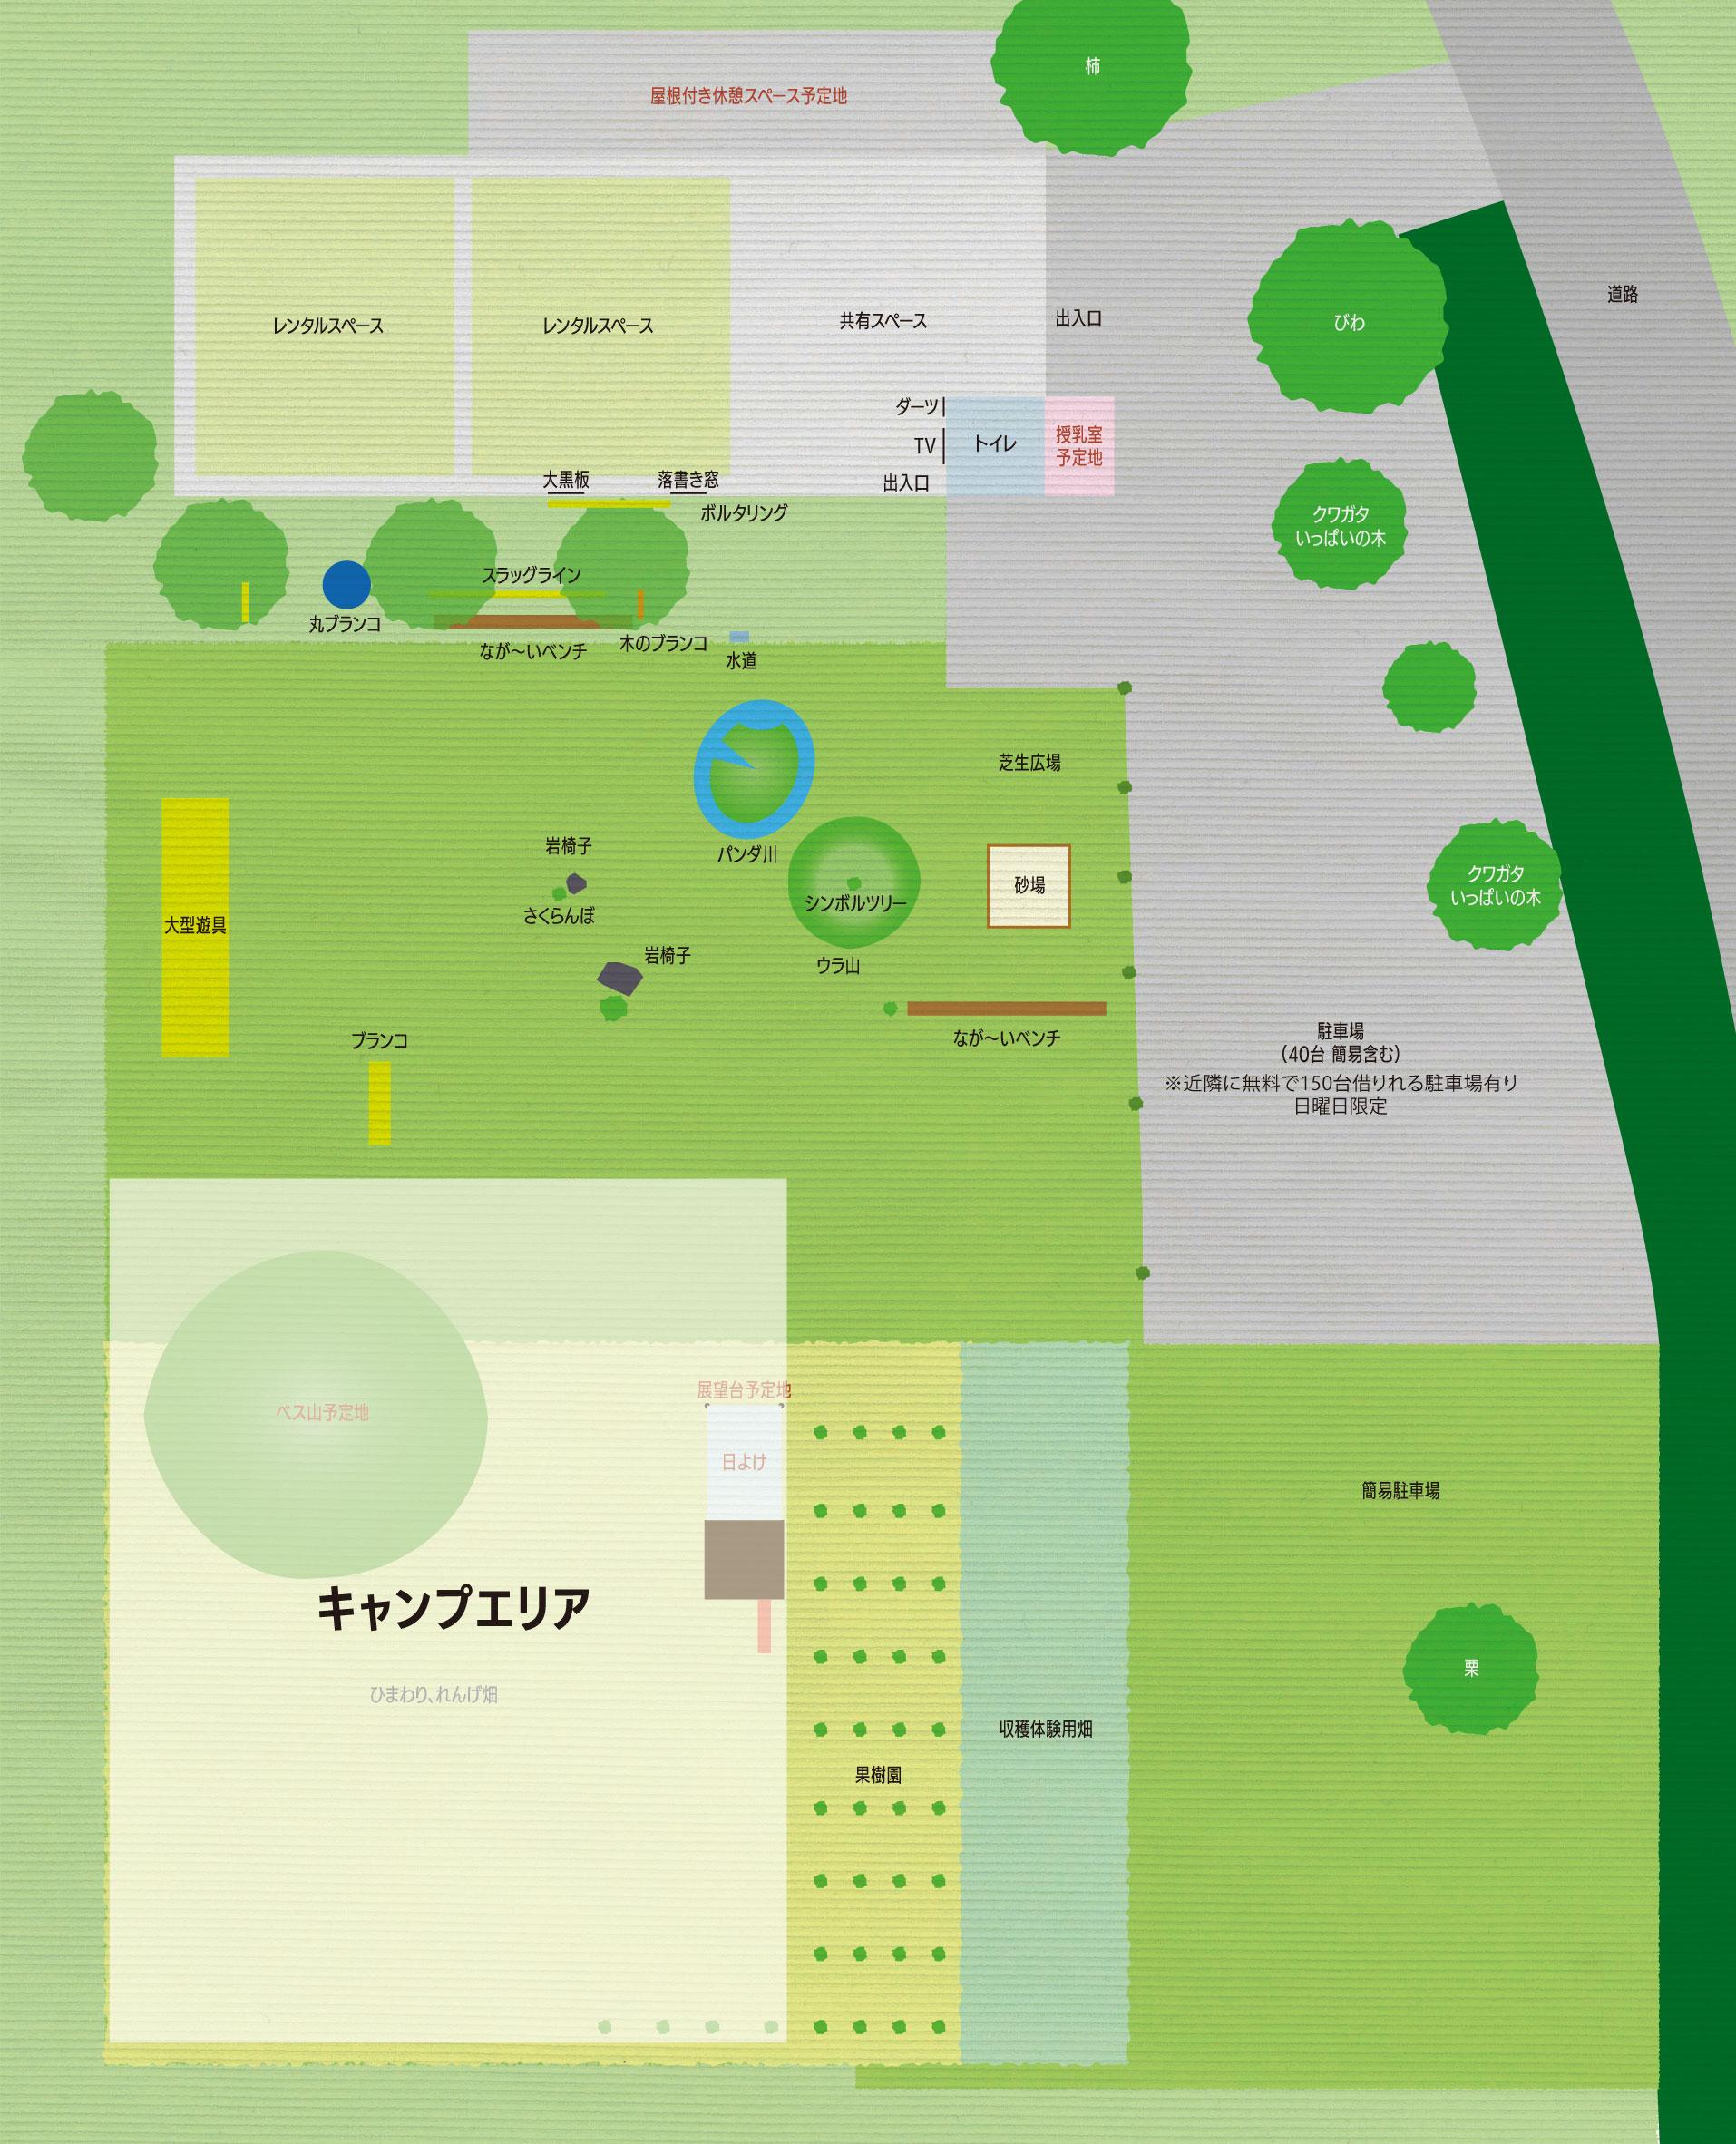 キャンプ案内図